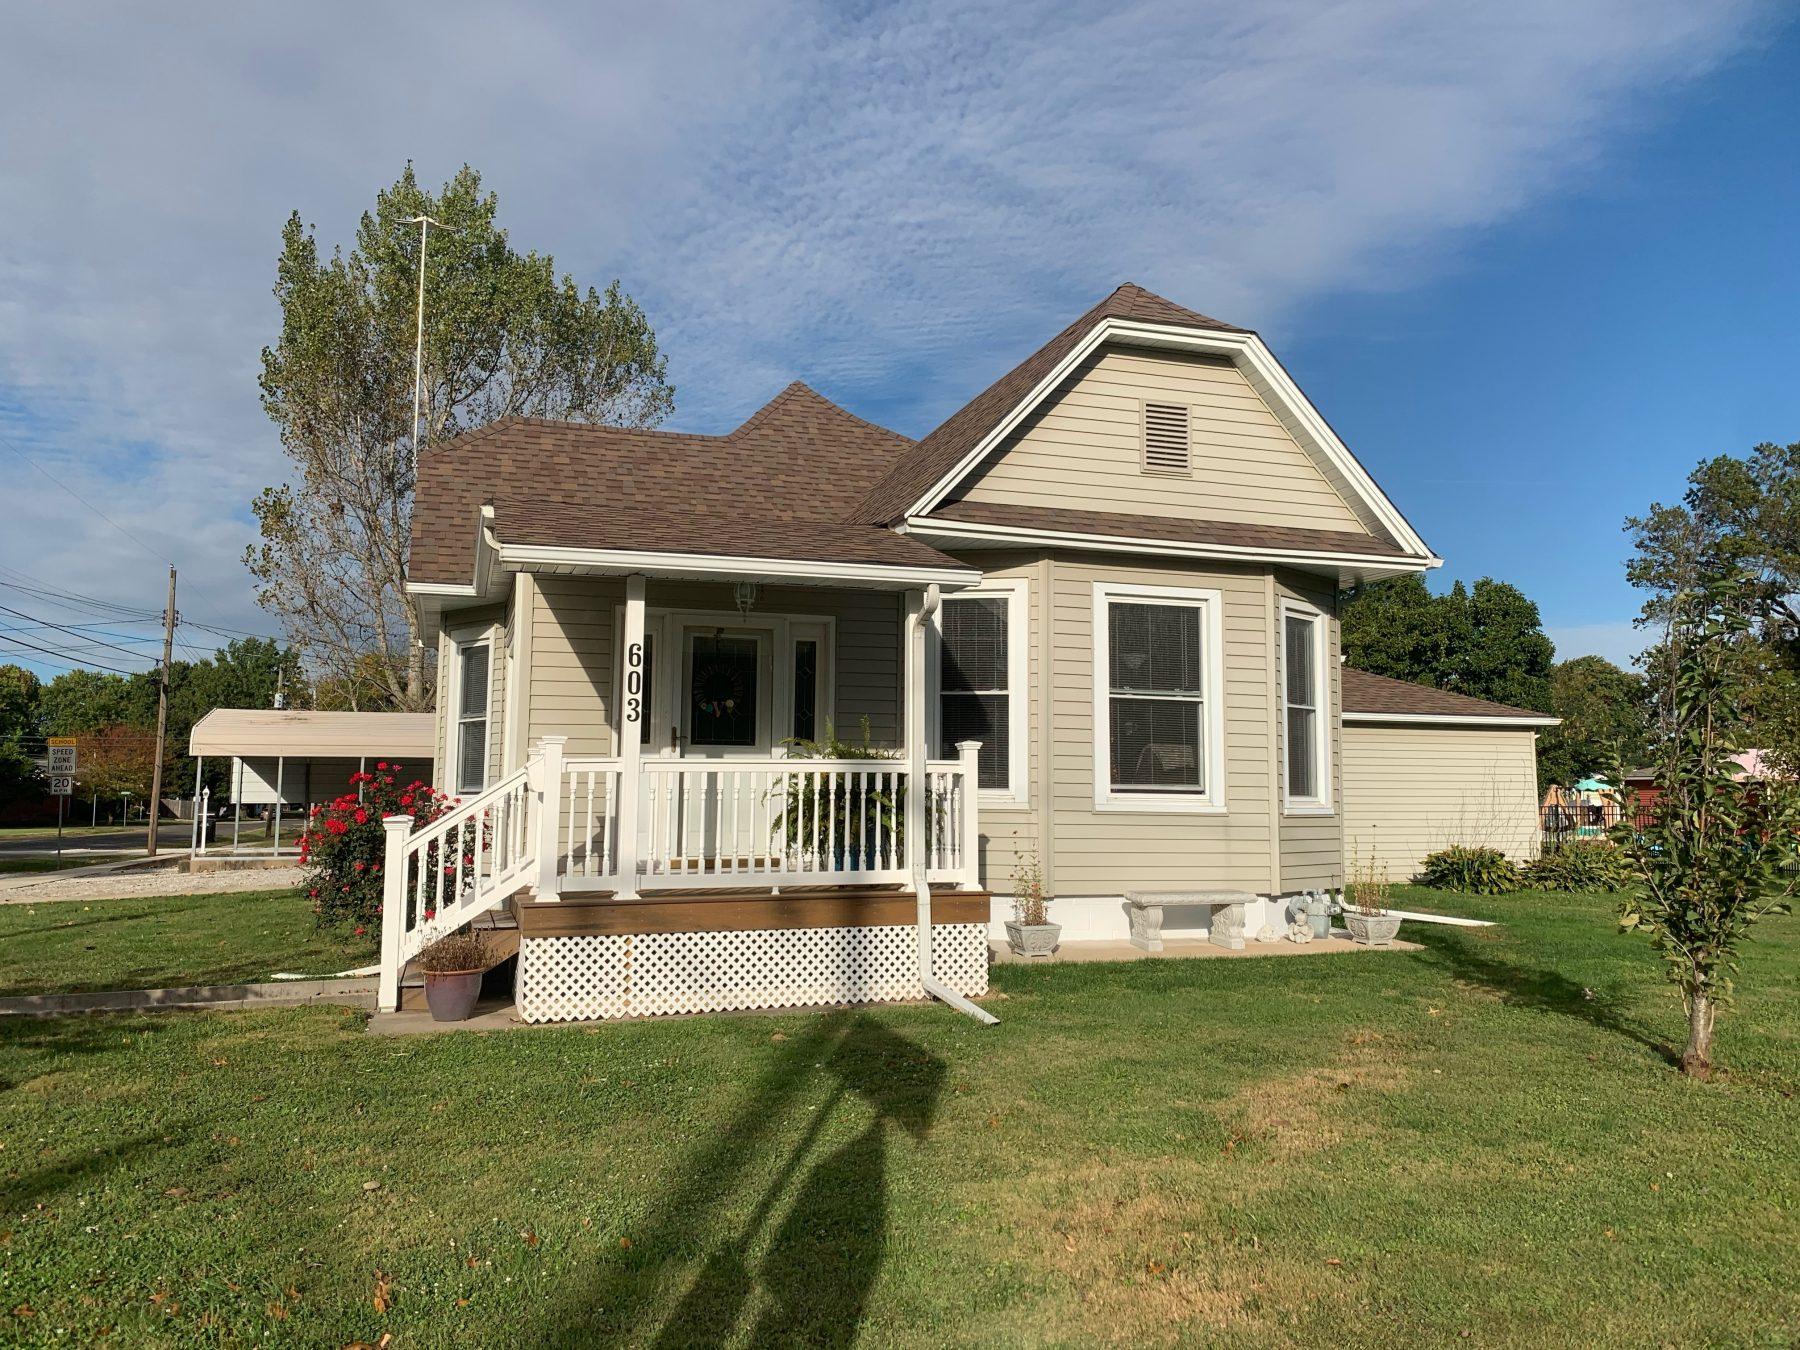 603 N Edwardsville Staunton